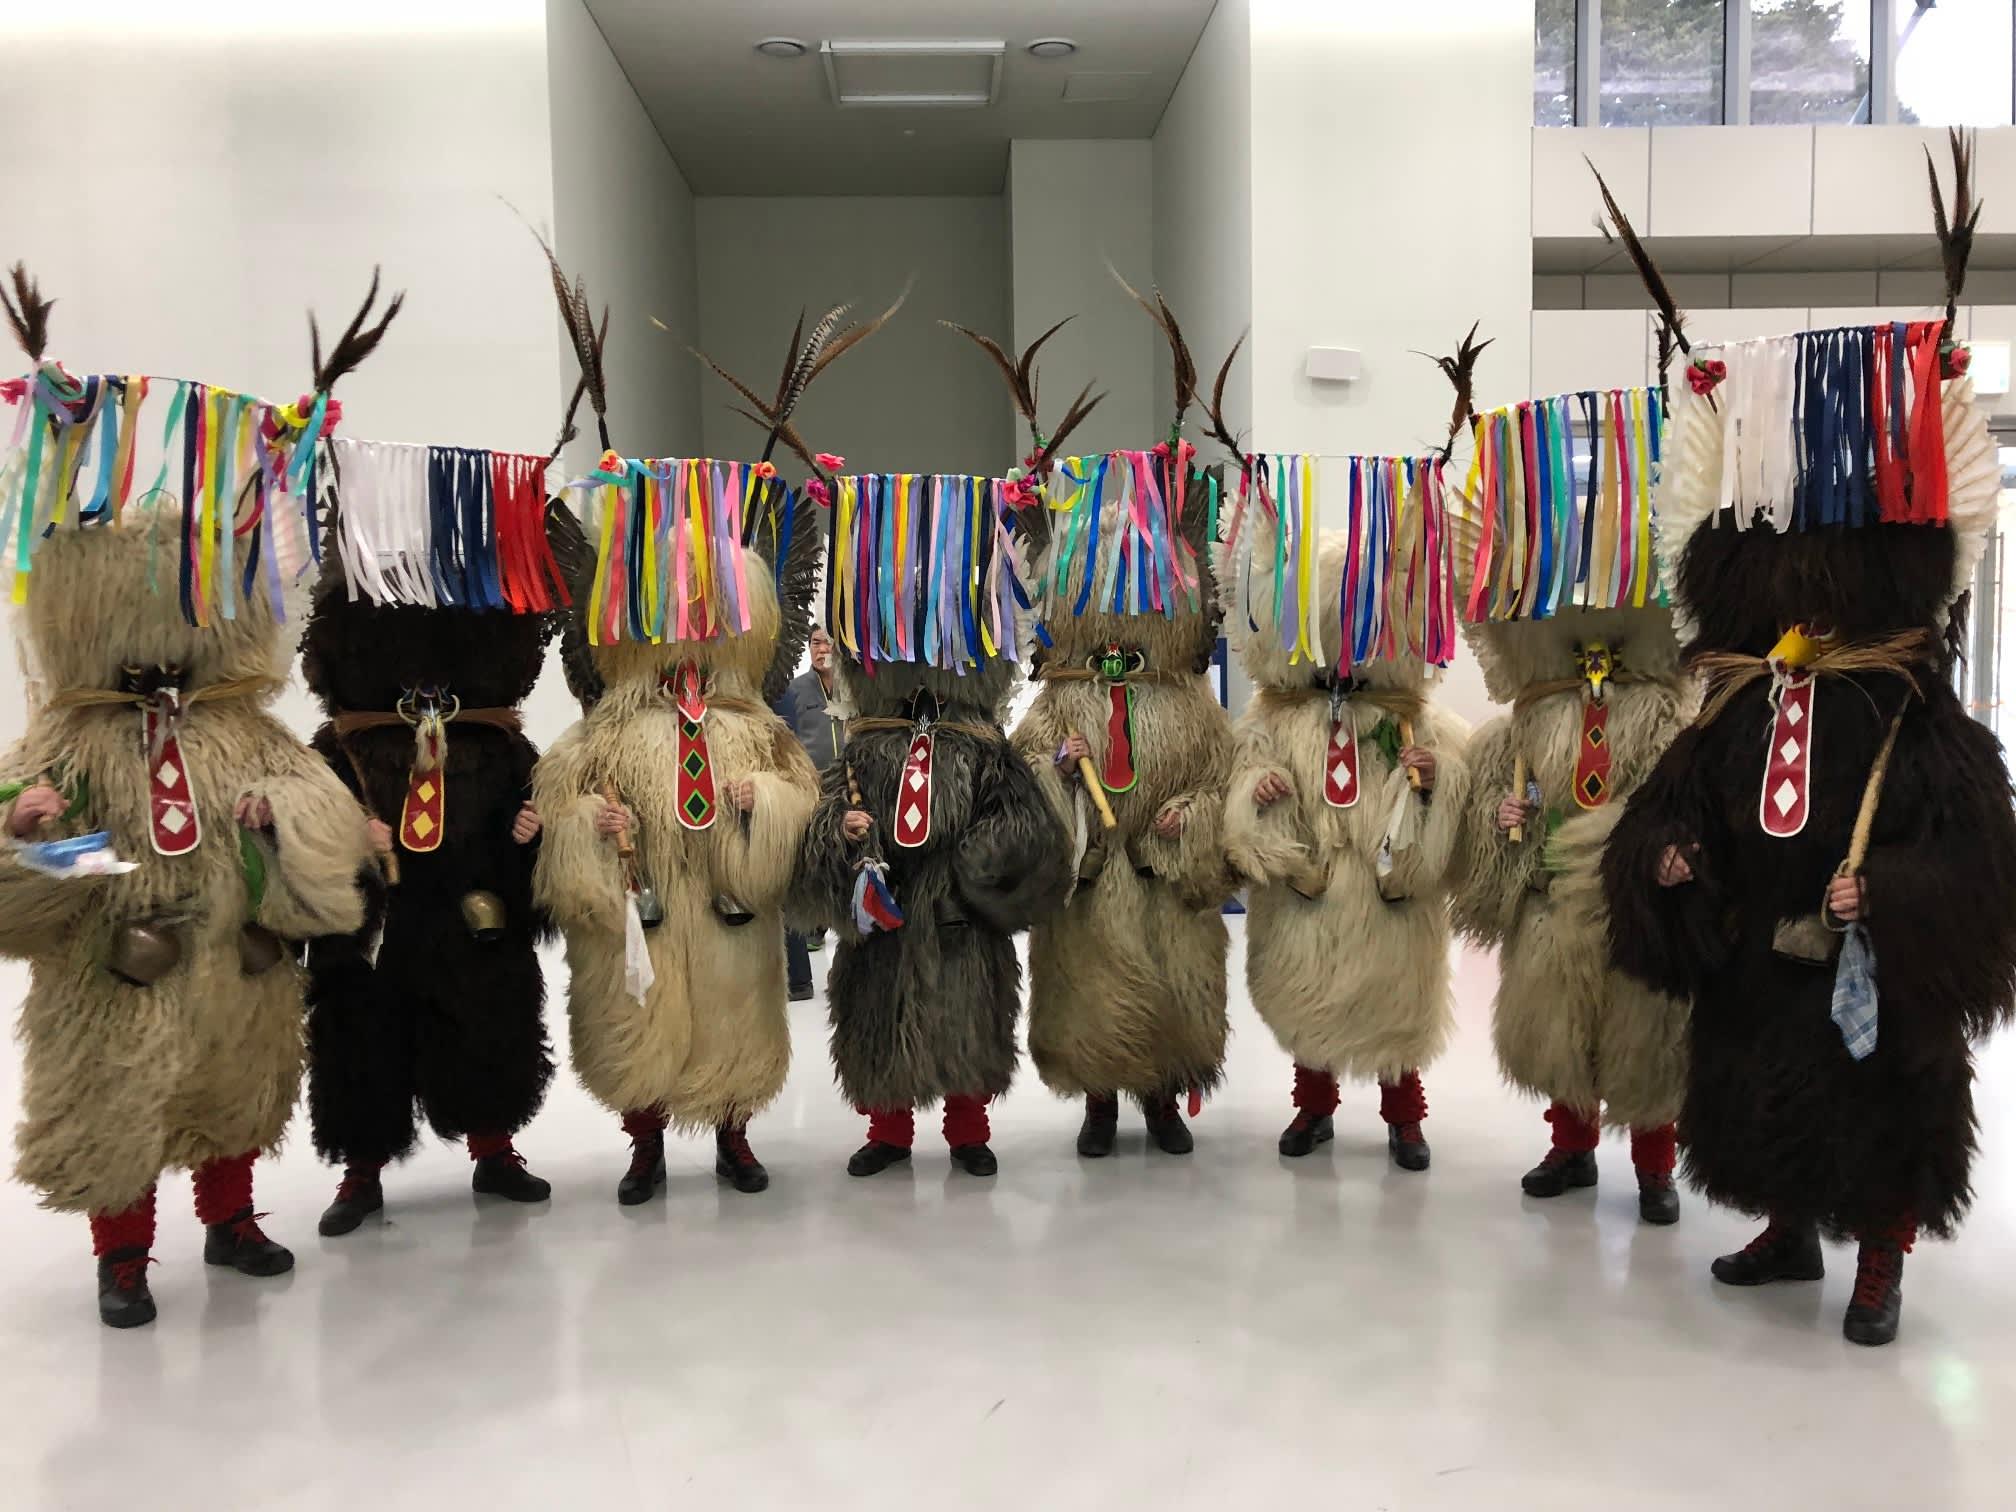 Slovenialainen faniryhmä karnevaalipukuihin sonnustautuneena Korean olympialaisten jäähallissa.